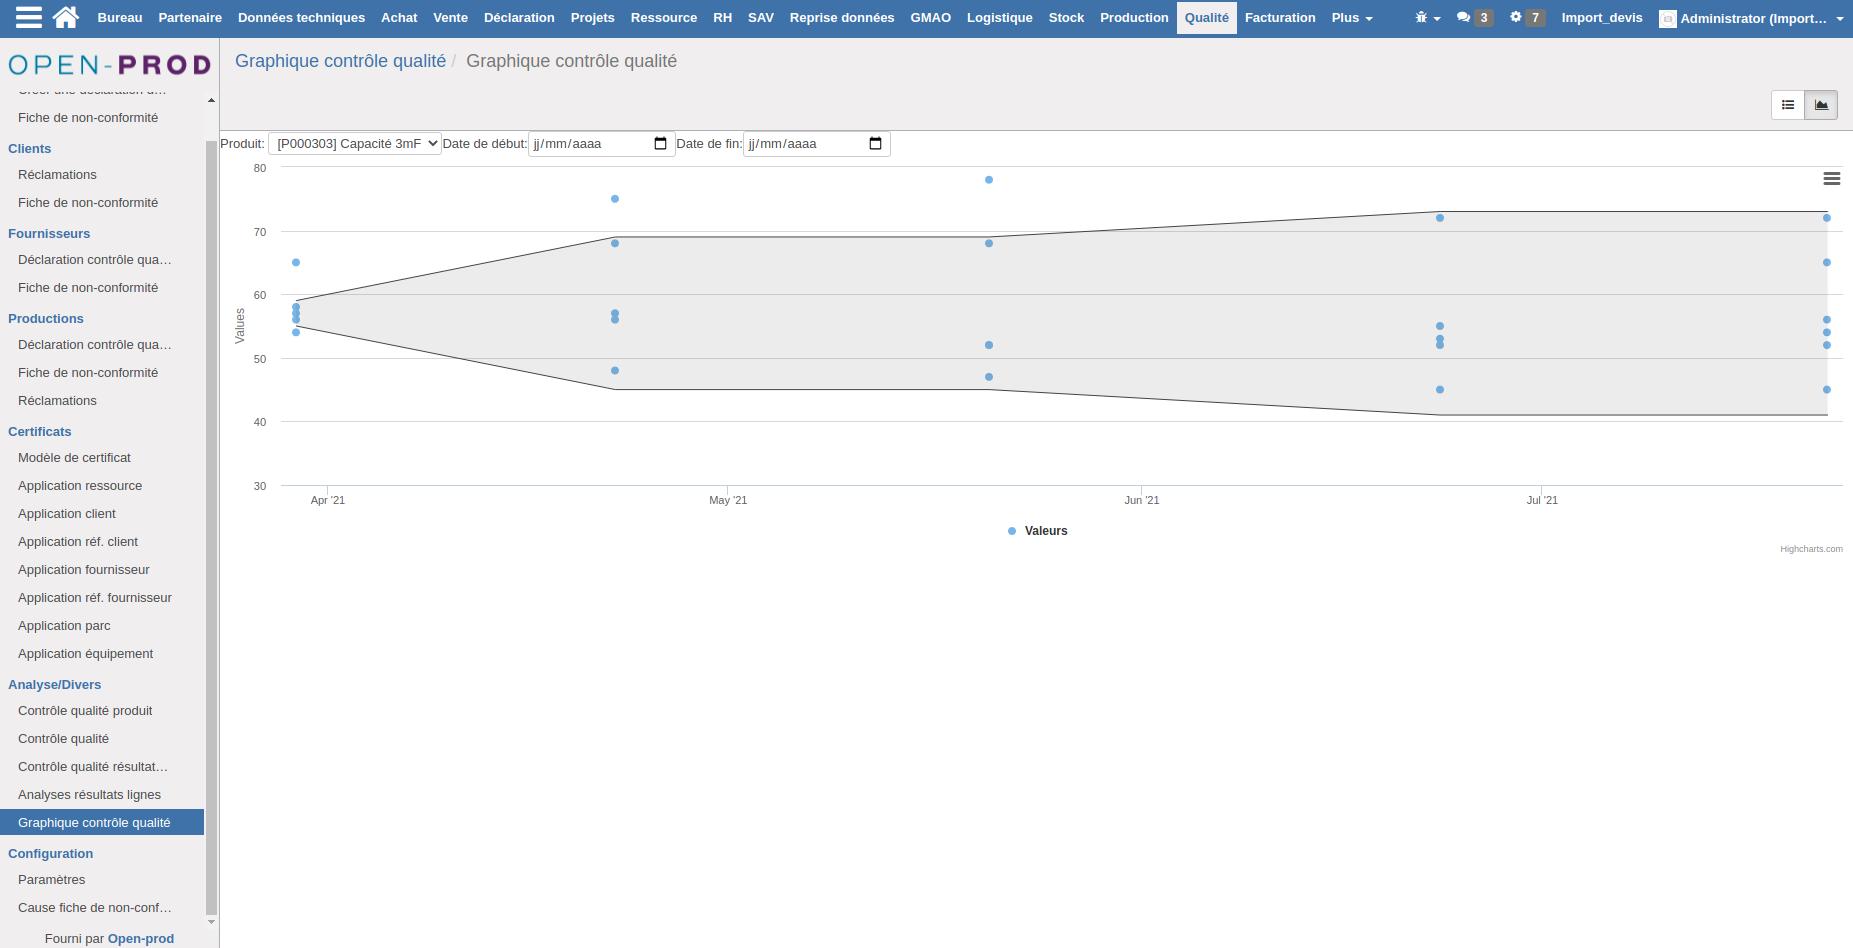 Interface d'un graphique de contrôle de qualité